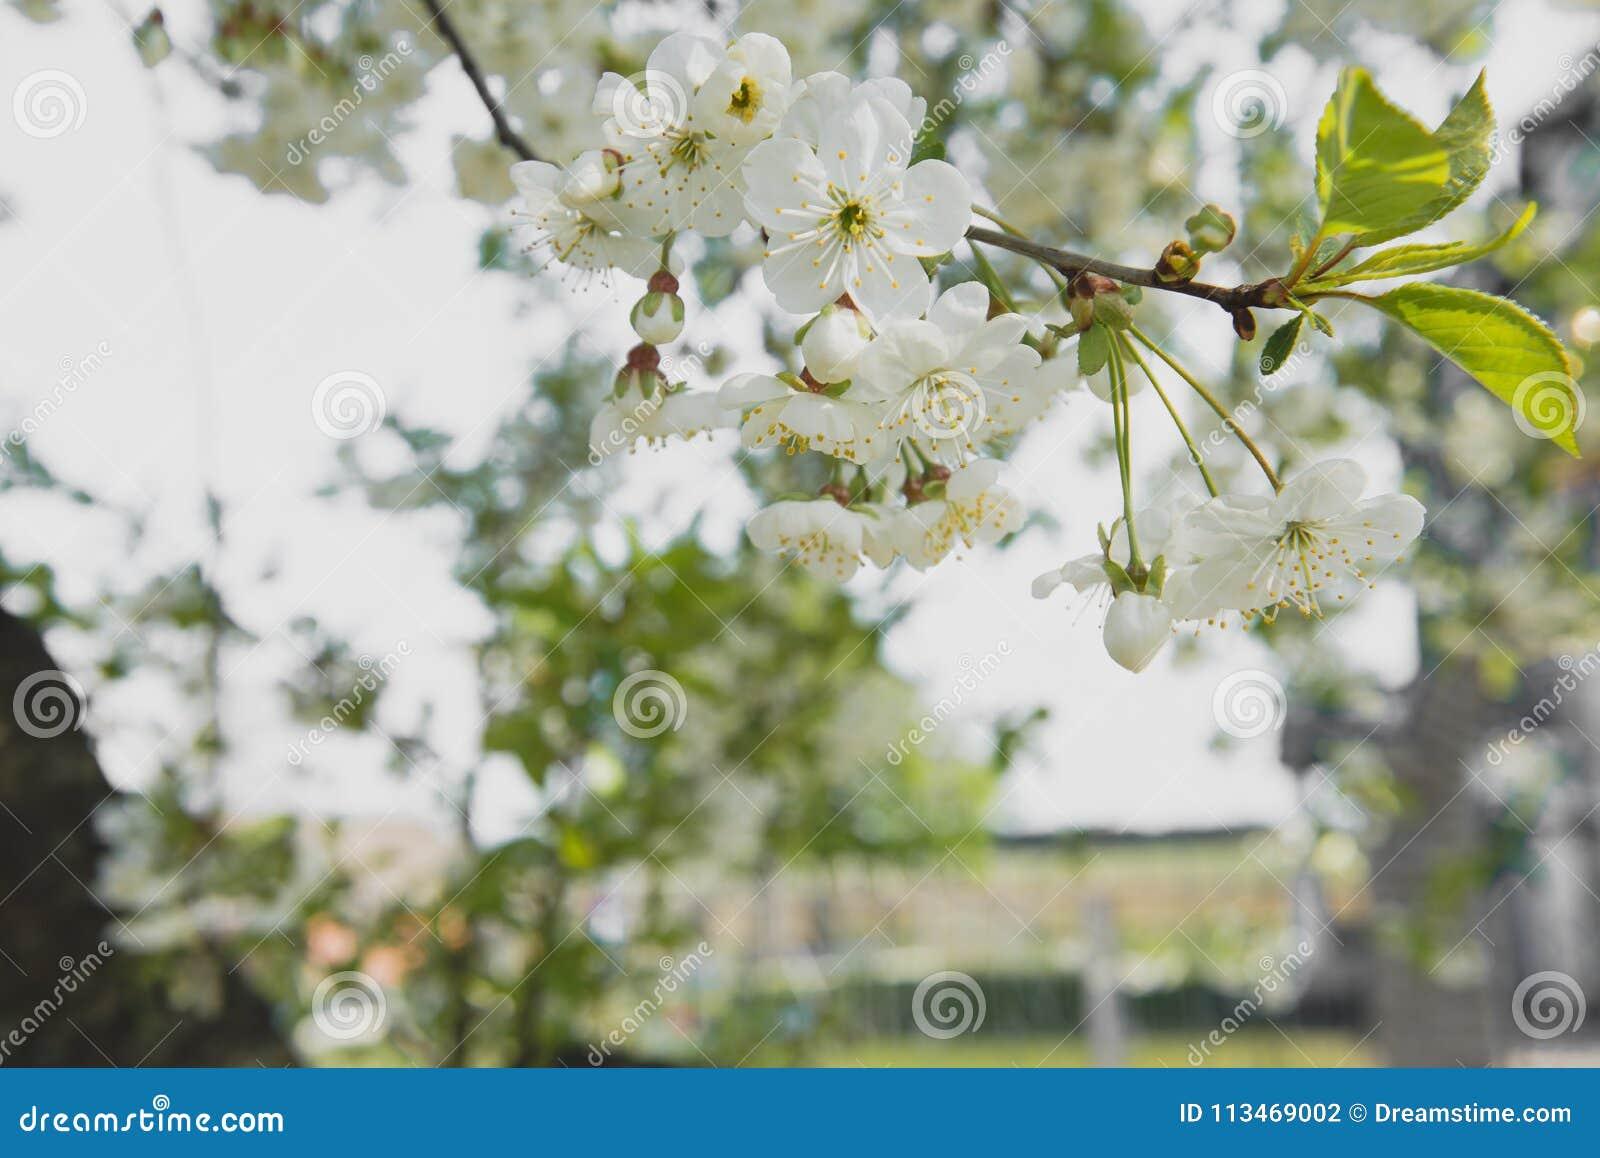 Körsbärträdgård Vårblomningbakgrund - abstrakt blom- gräns av gräsplansidor och vita blommor